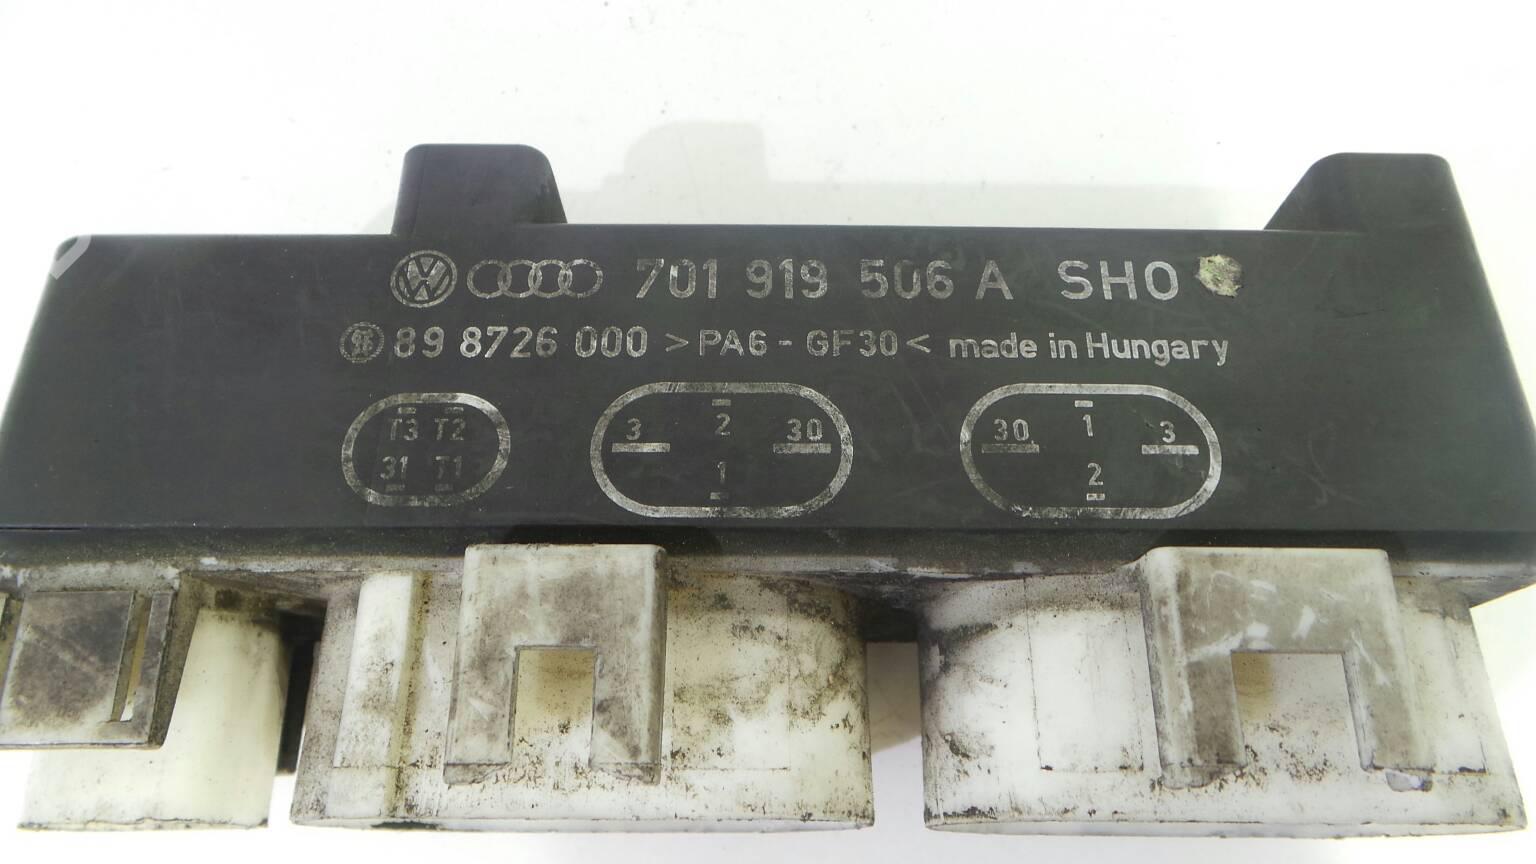 Fuse Box 701 919 506A FORD, GALAXY (WGR) 1.9 TDI(5 doors ...